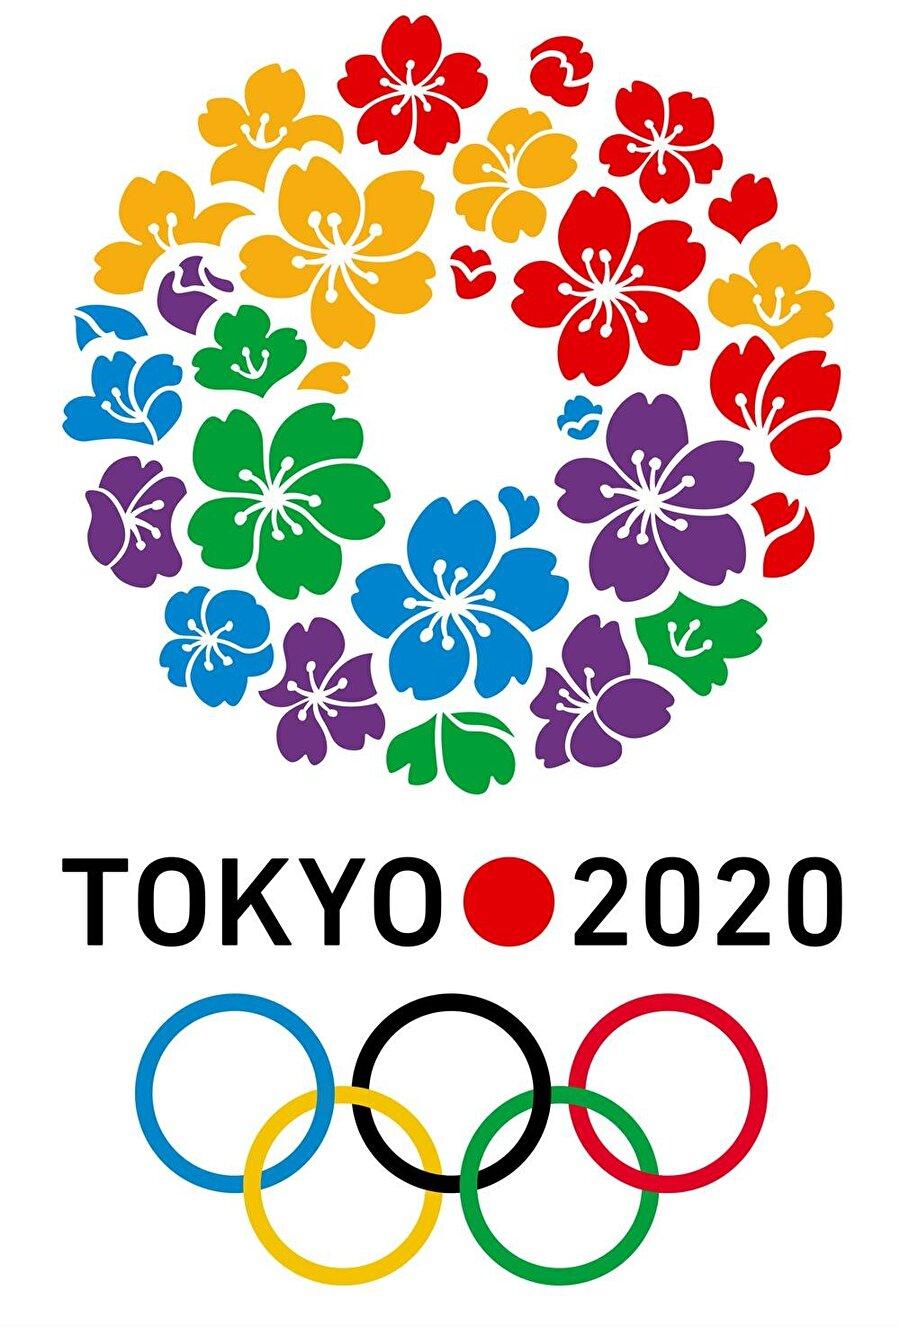 Logosu belirlendi 2020 Yaz Olimpiyatları ve Paralimpik Oyunları resmi logosu ise 24 Temmuz 2015 tarihinde açıklandı.